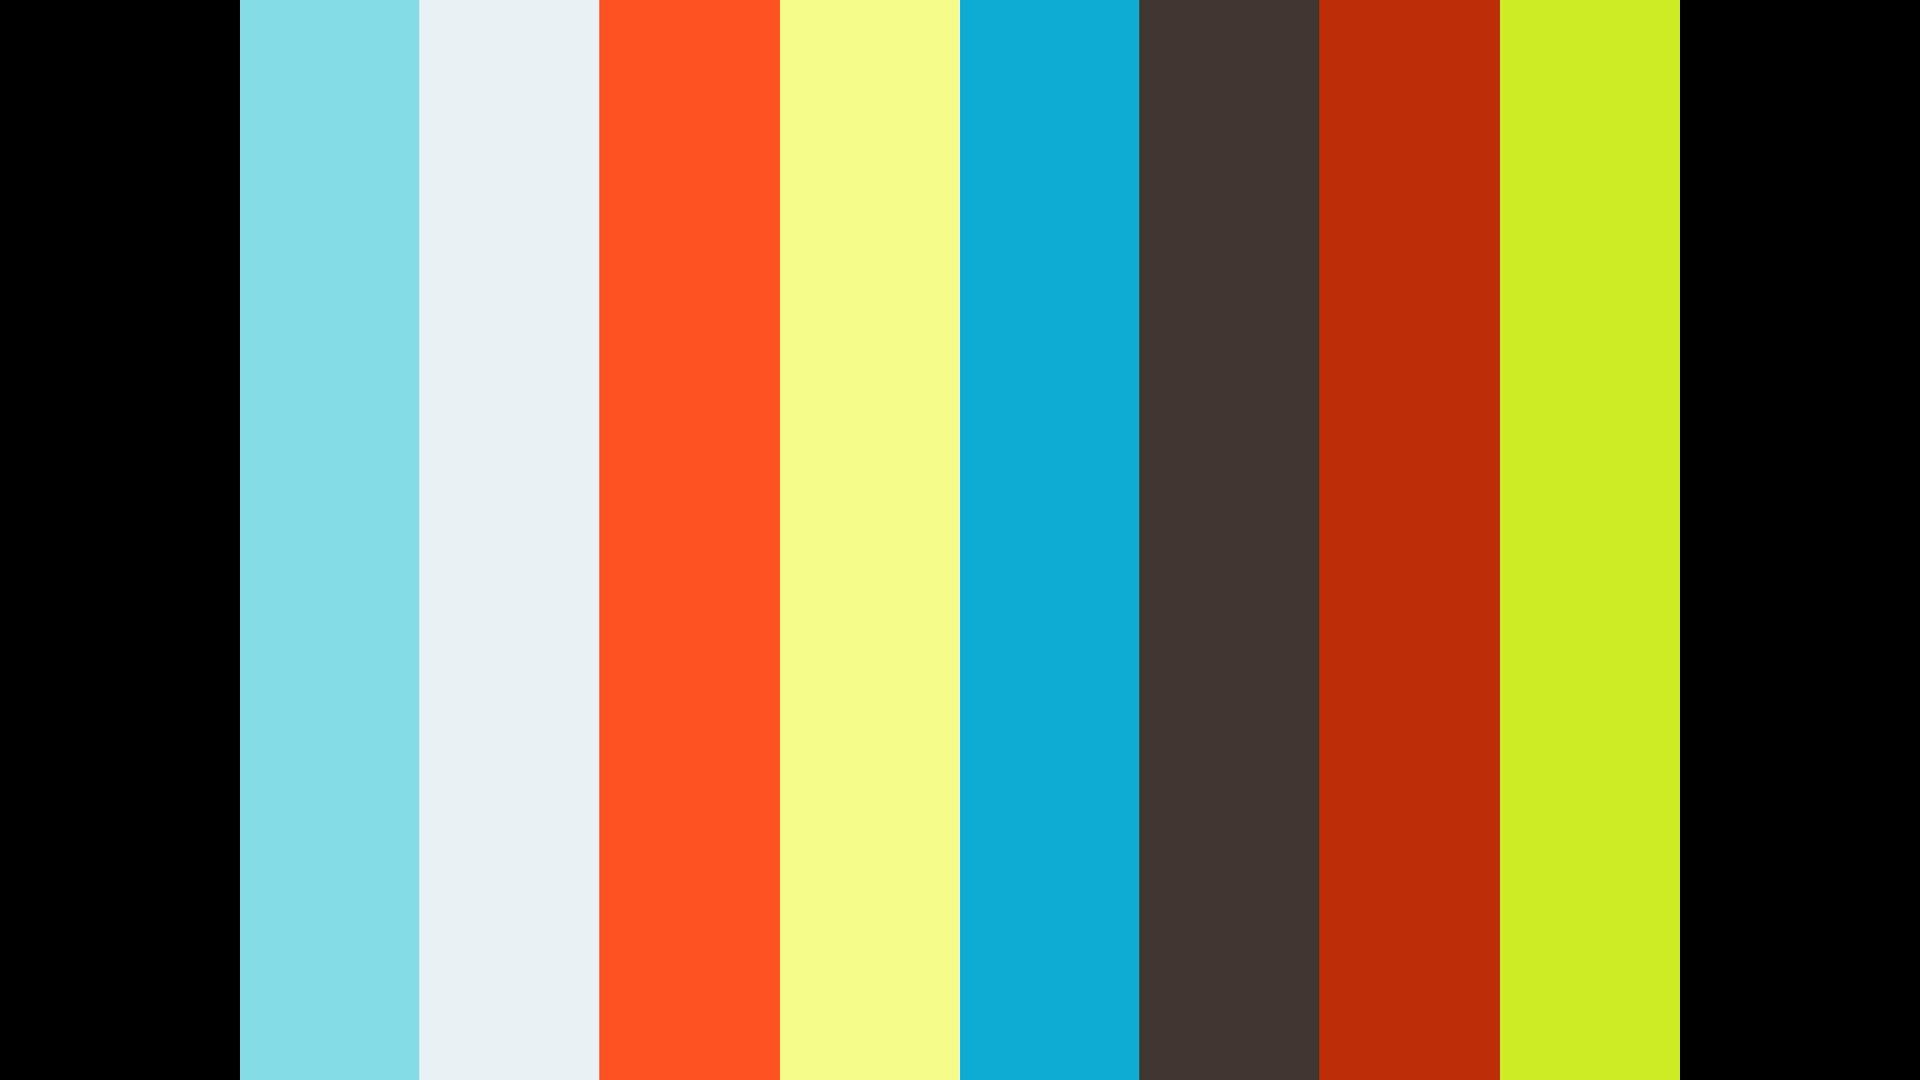 【サブスクビジネス事例】定額制テイクアウト「POTLUCK(ポットラック)」 インタビュー動画